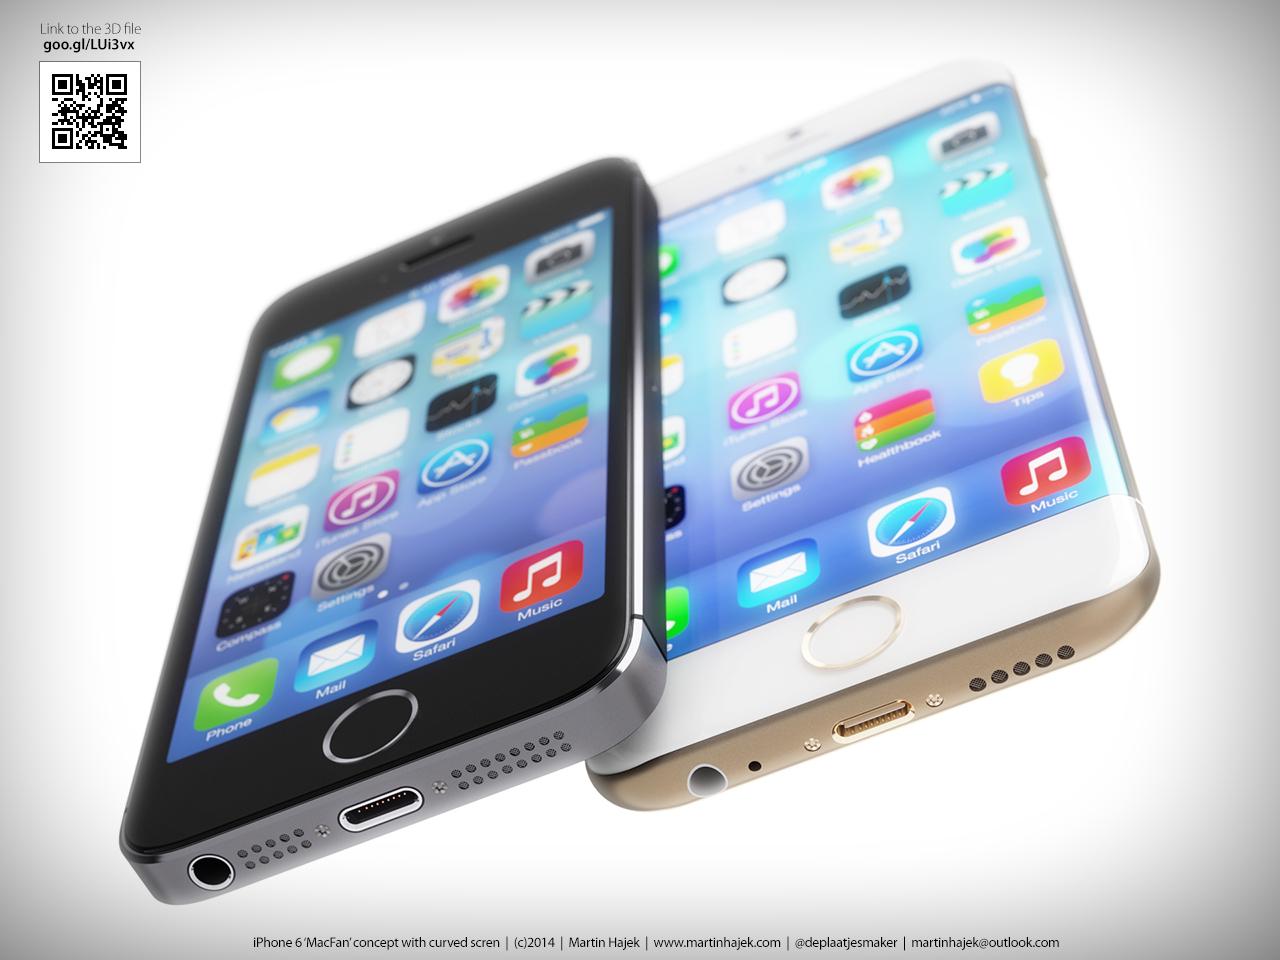 conceito-de-iphone-6-com-tela-curva-10